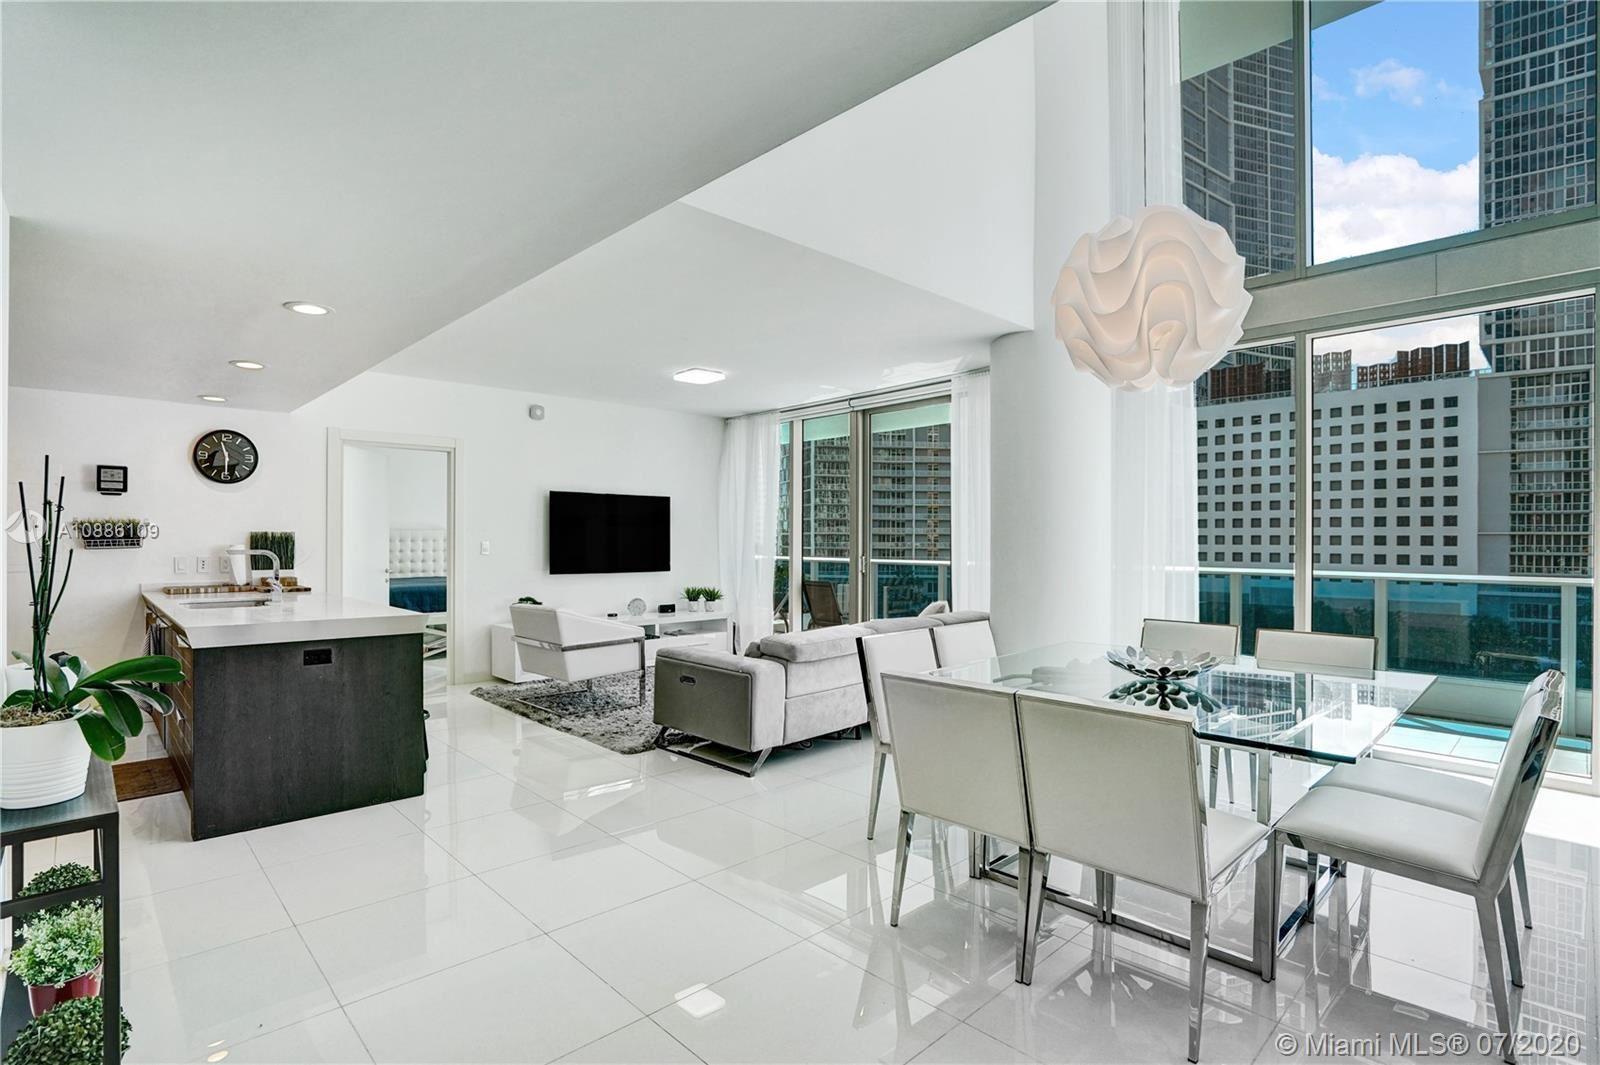 200 Biscayne Boulevard Way #505, Miami, FL 33131 - #: A10886109